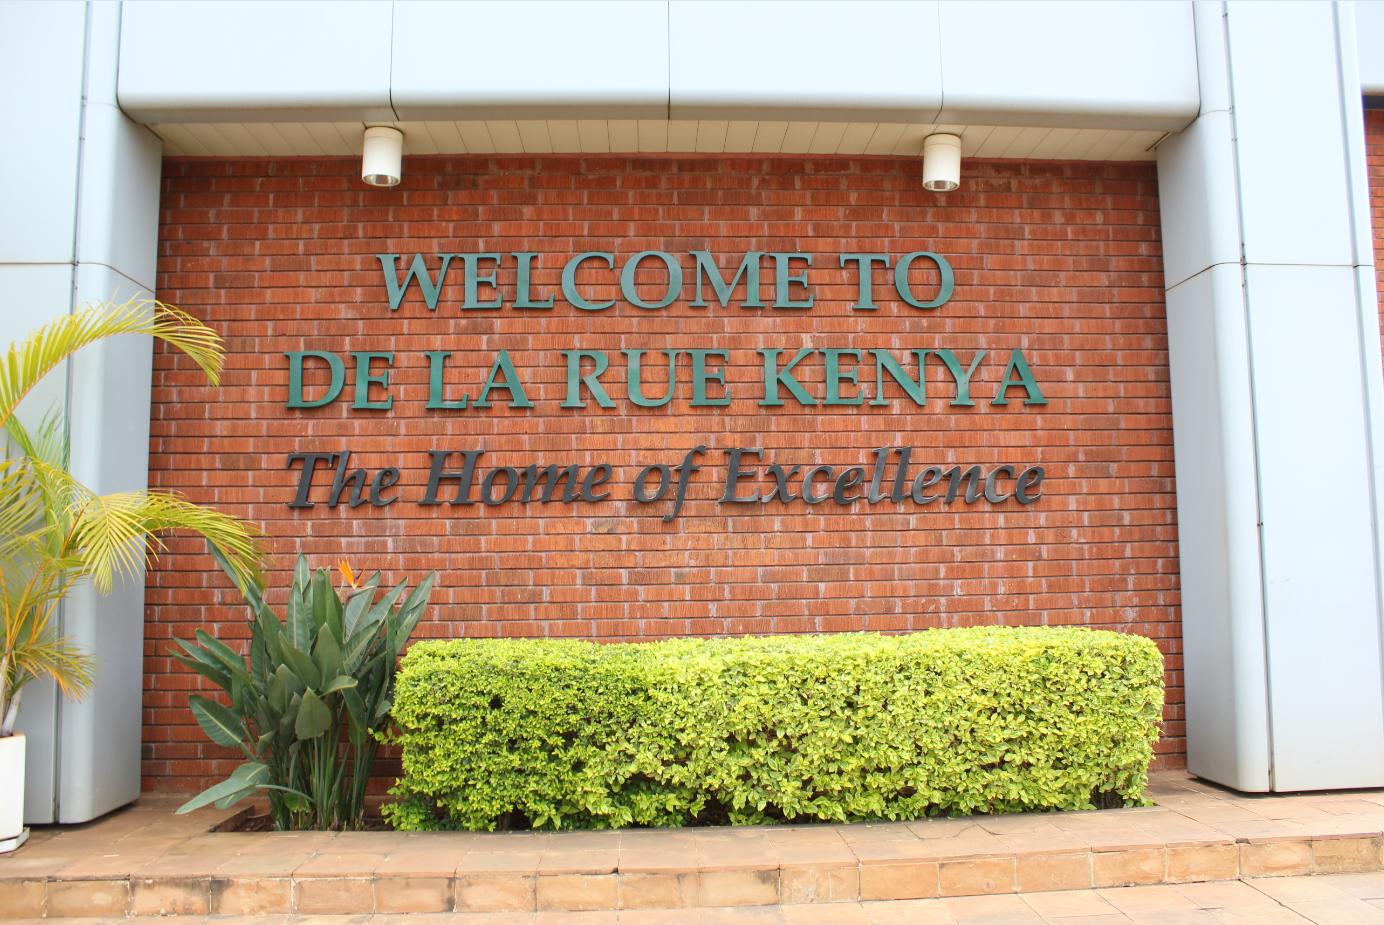 https://cdn2.hubspot.net/hubfs/2752422/Kenya%20images/Kenya%20-%20centre%20of%20excellence.png